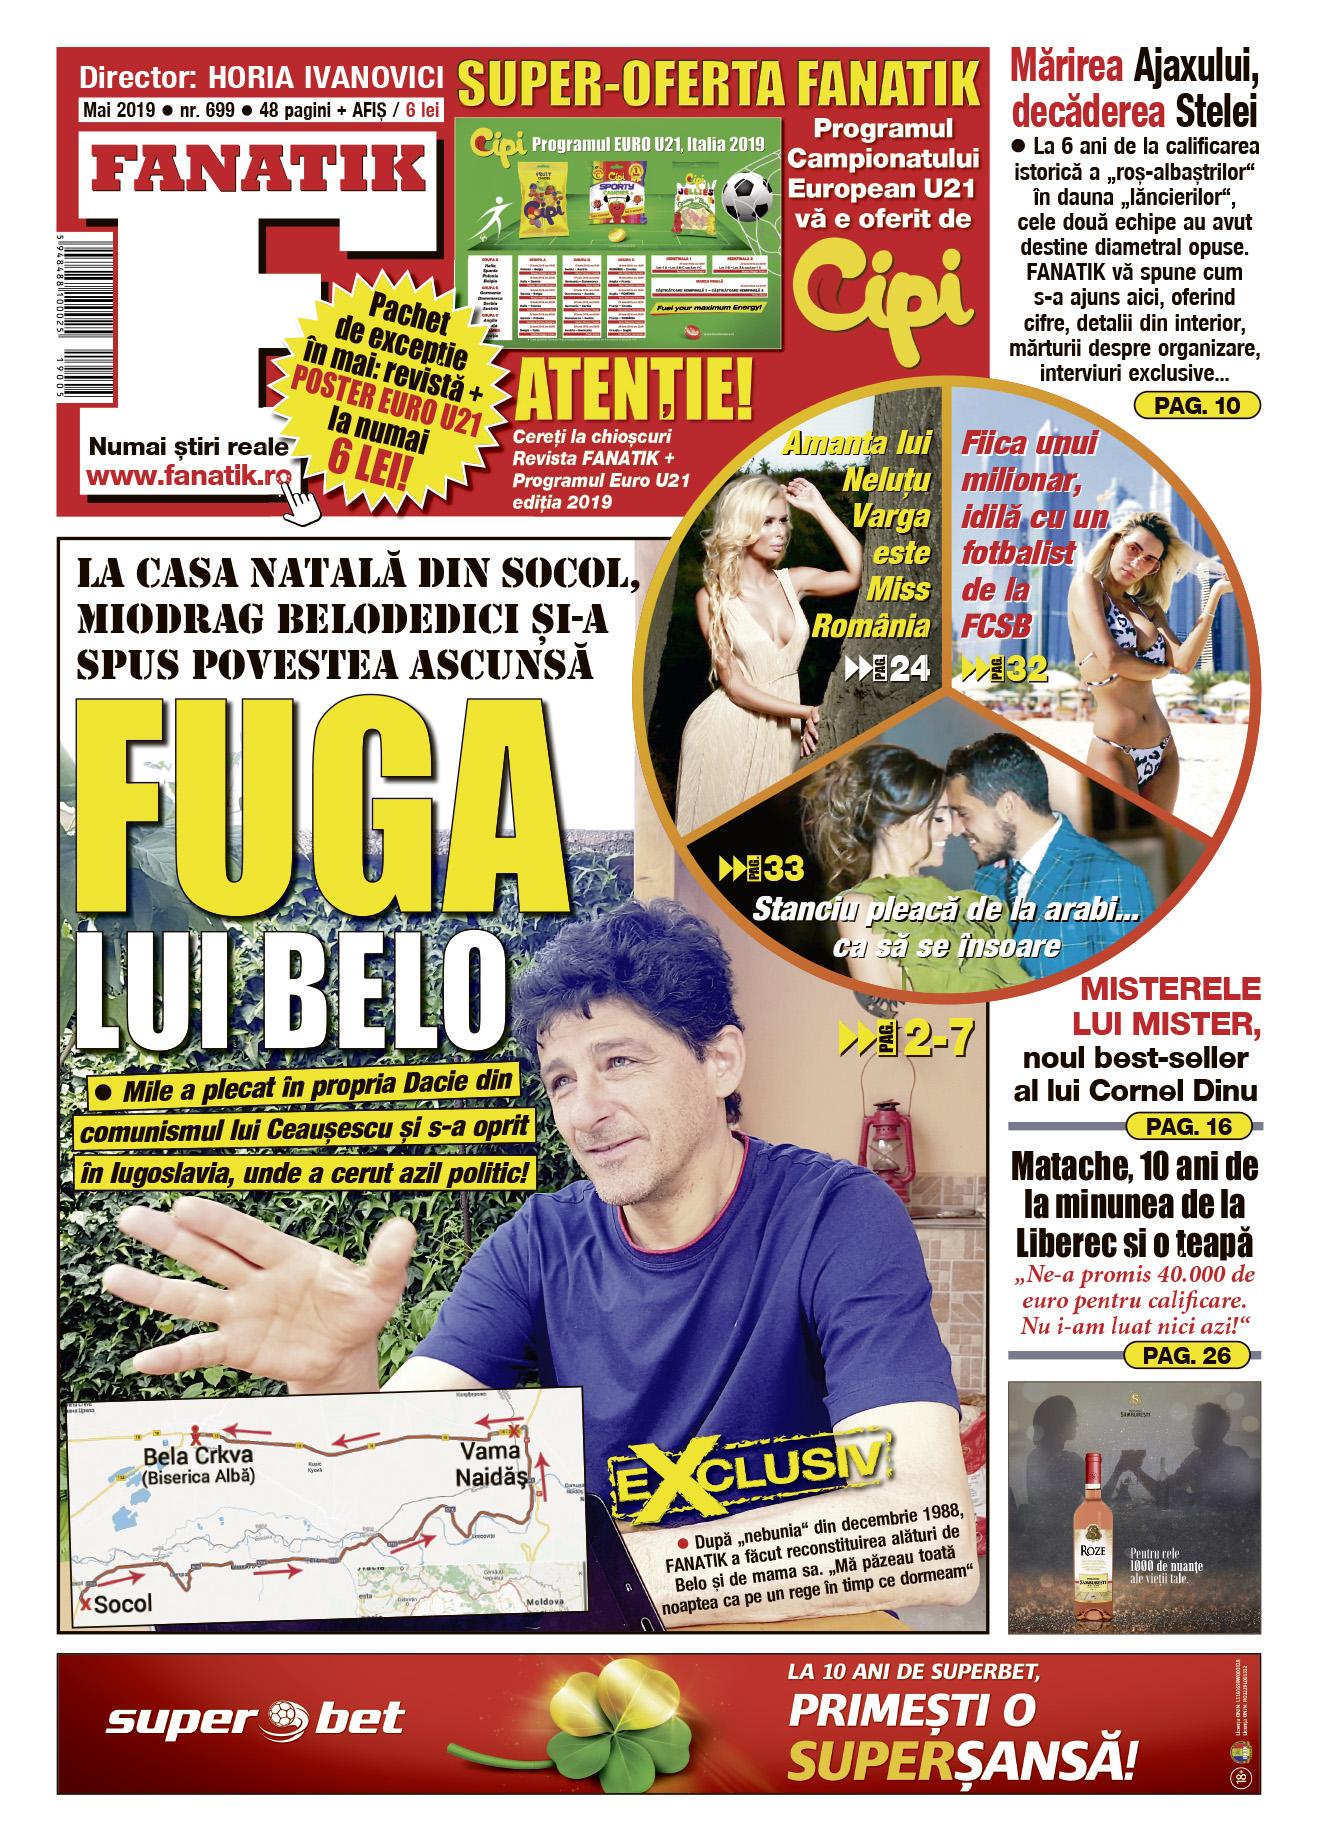 A apărut numărul din mai al revistei FANATIK! Pachet de excepție: poster cu programul Campionatului European U21 + 48 de pagini cu exclusivități, totul la numai 6 lei! Abonază-te ca să nu pierzi niciun număr!